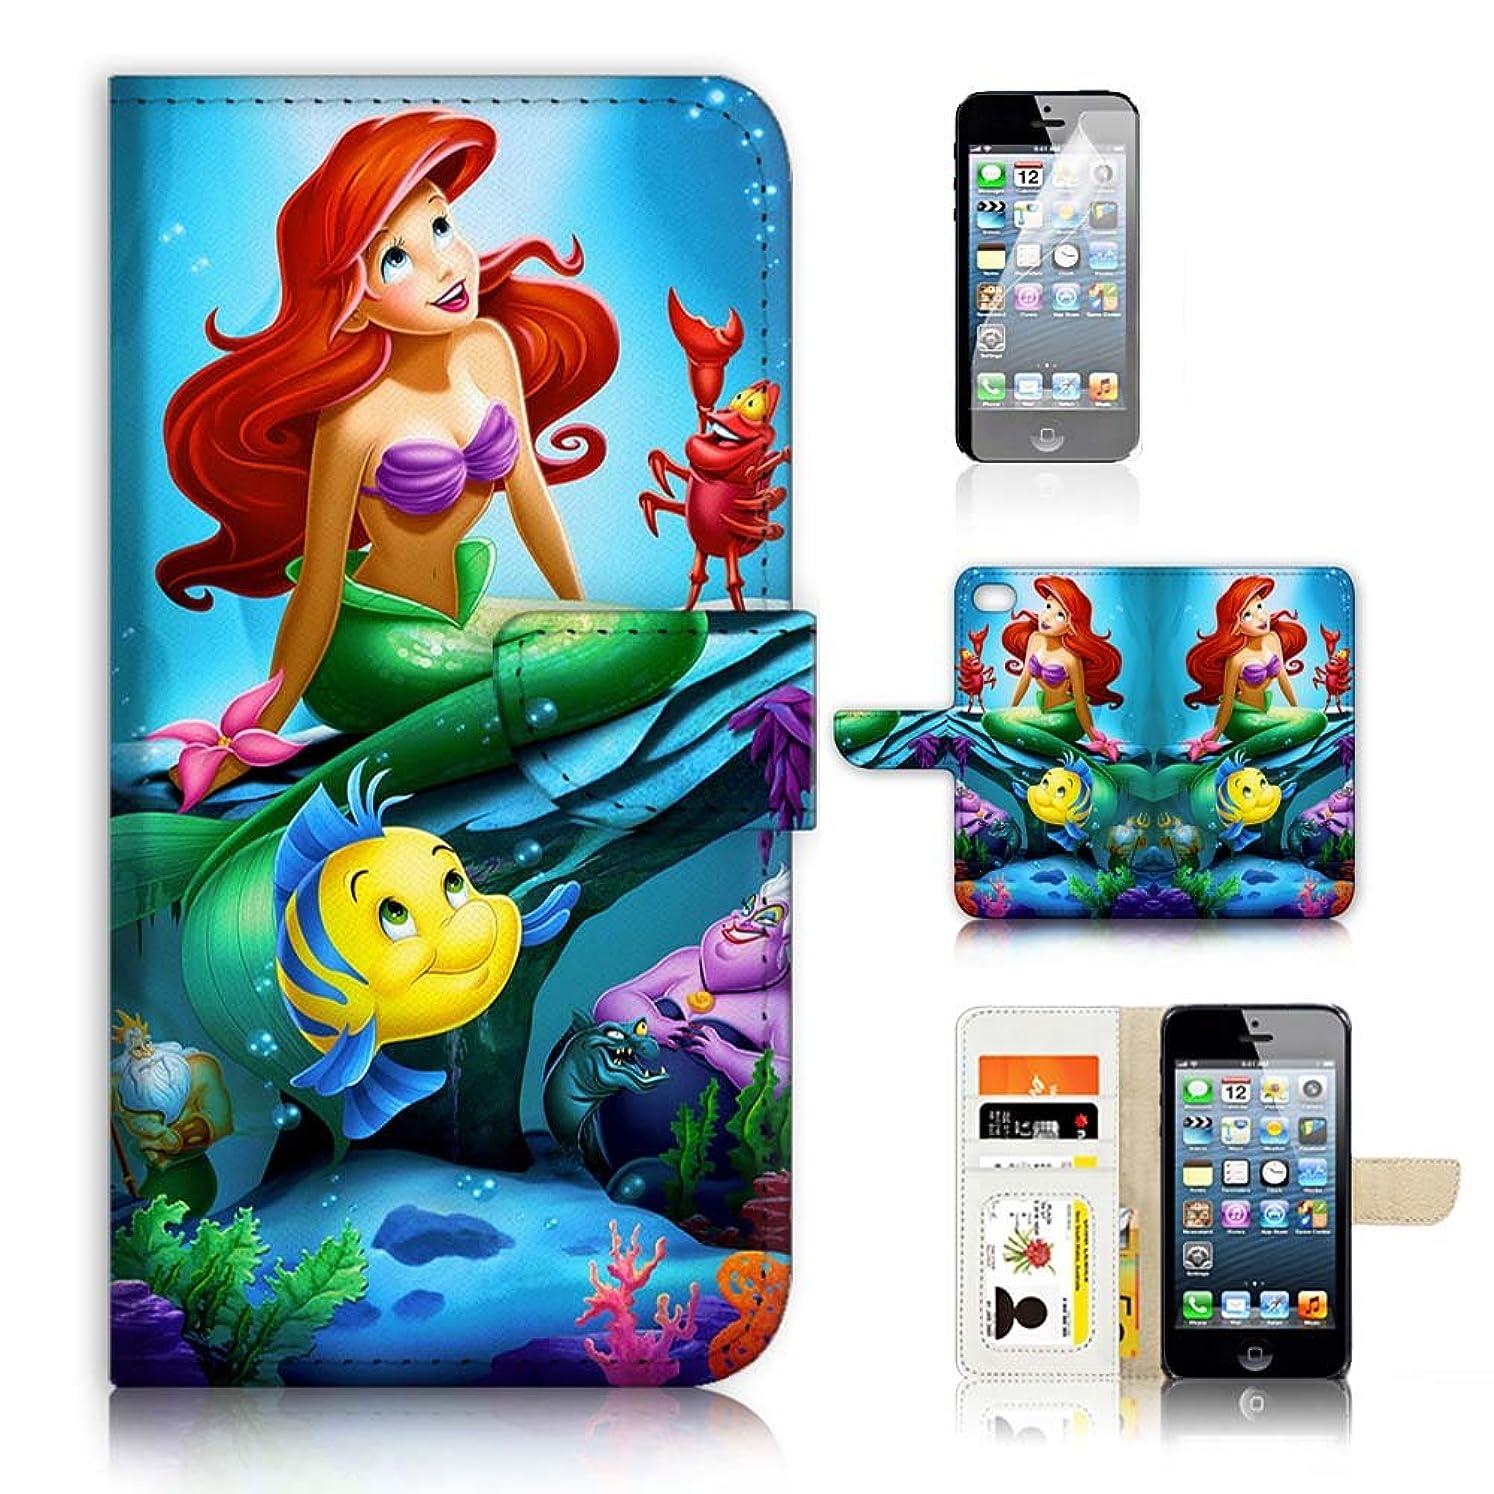 拒否増幅するまで(iPhone 8 / iPhone 7用)フリップウォレットケースカバー&スクリーンプロテクターバンドル - UKA21075アリエルリトルマーメイド